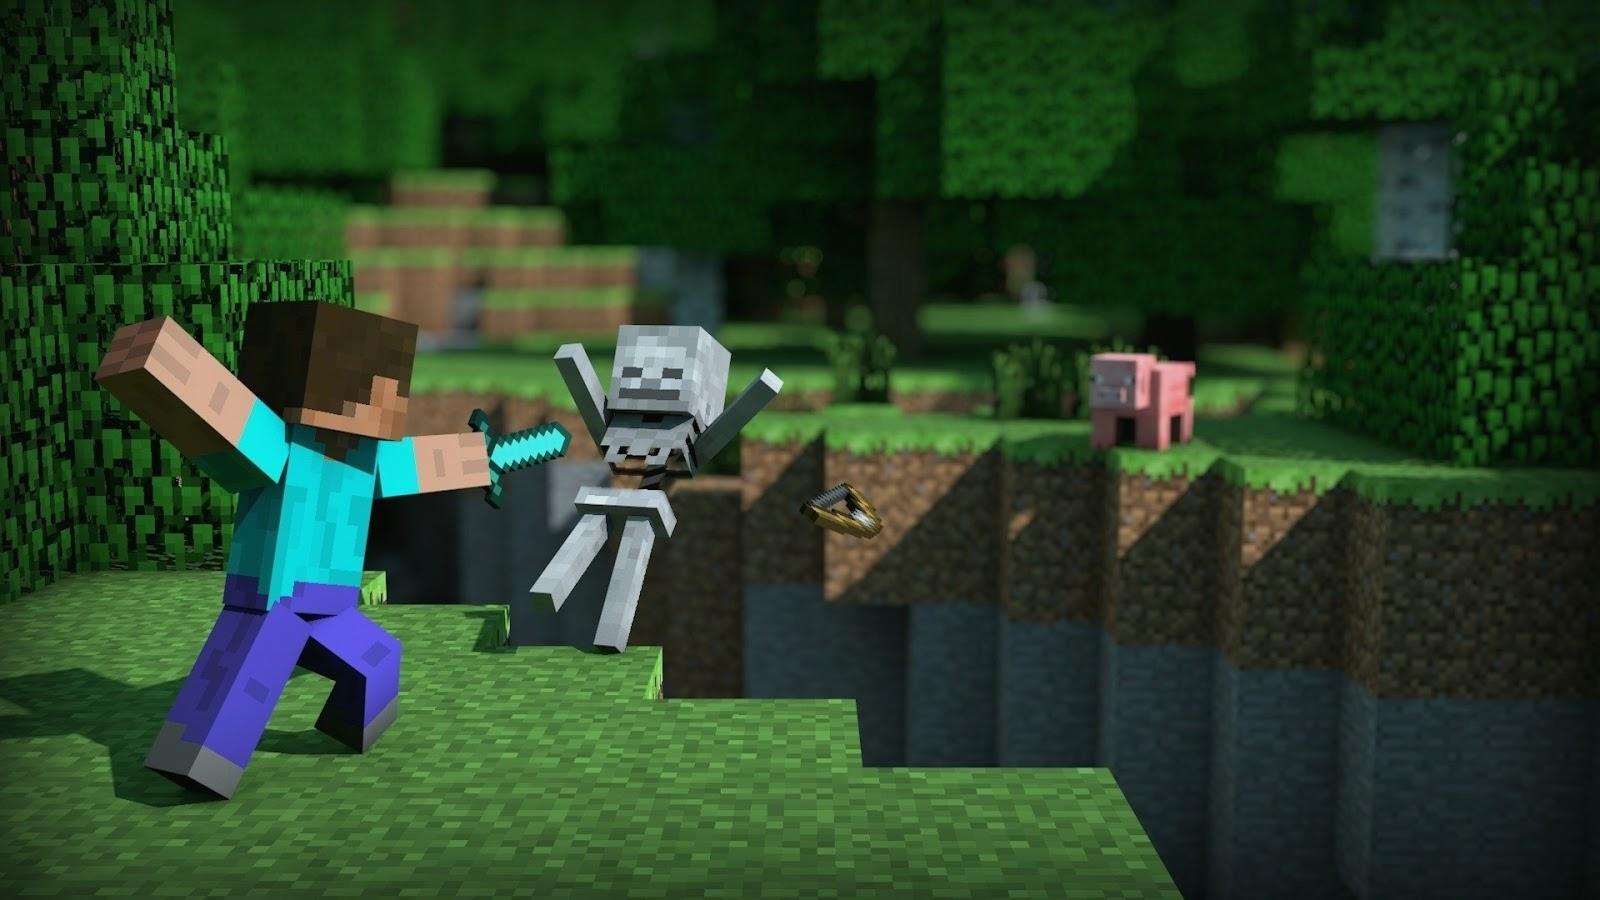 Minecraft - PC İçin Mükemmel Hayatta Kalma Oyunları